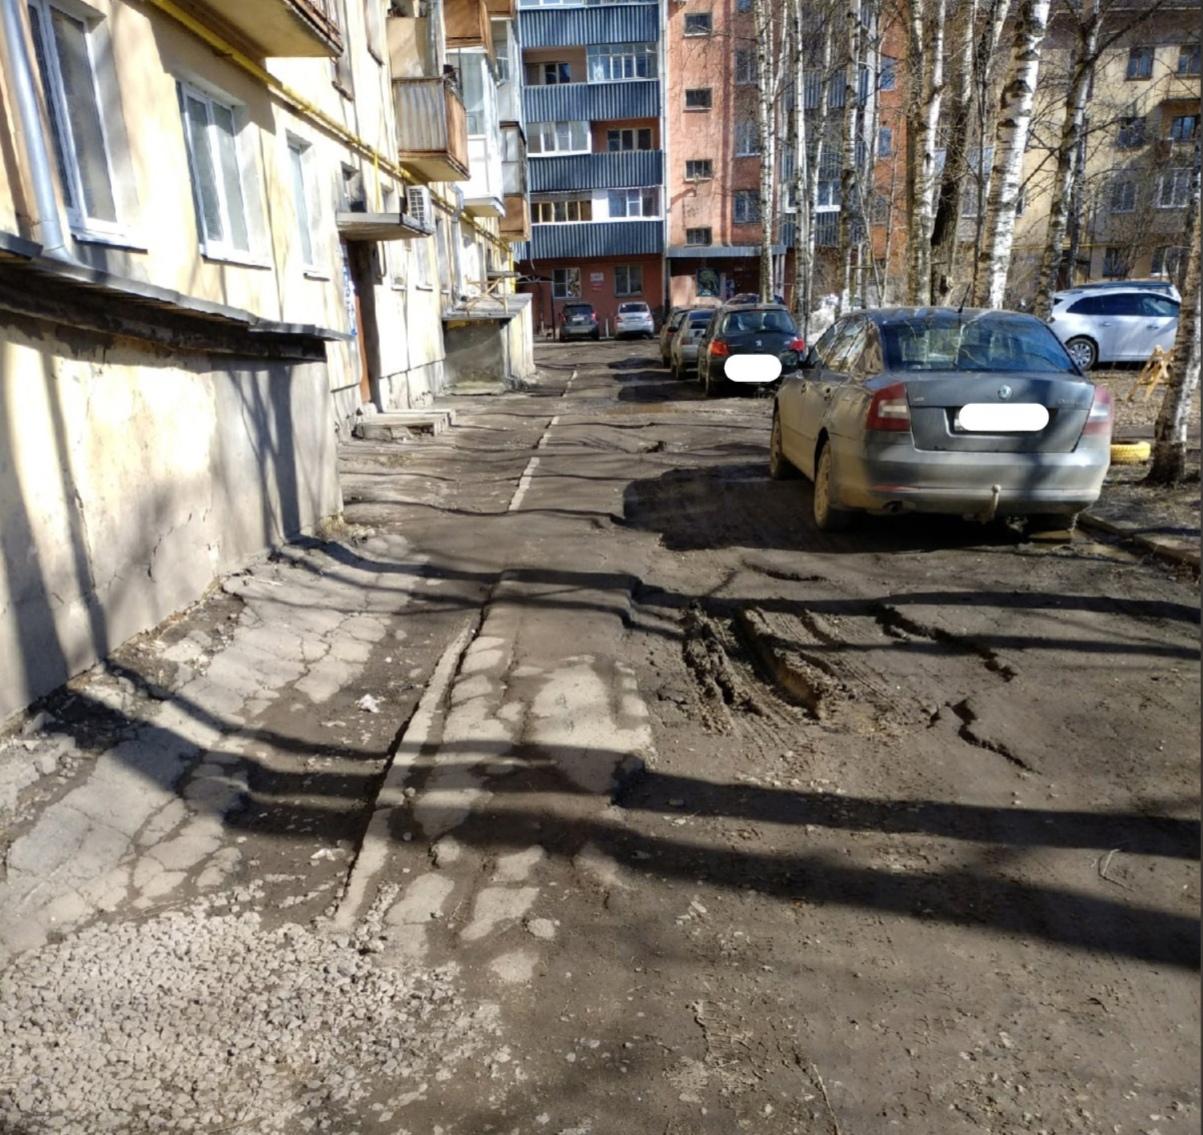 Вместо зелени асфальт: в Вологде отремонтируют двор, но вырубят деревья